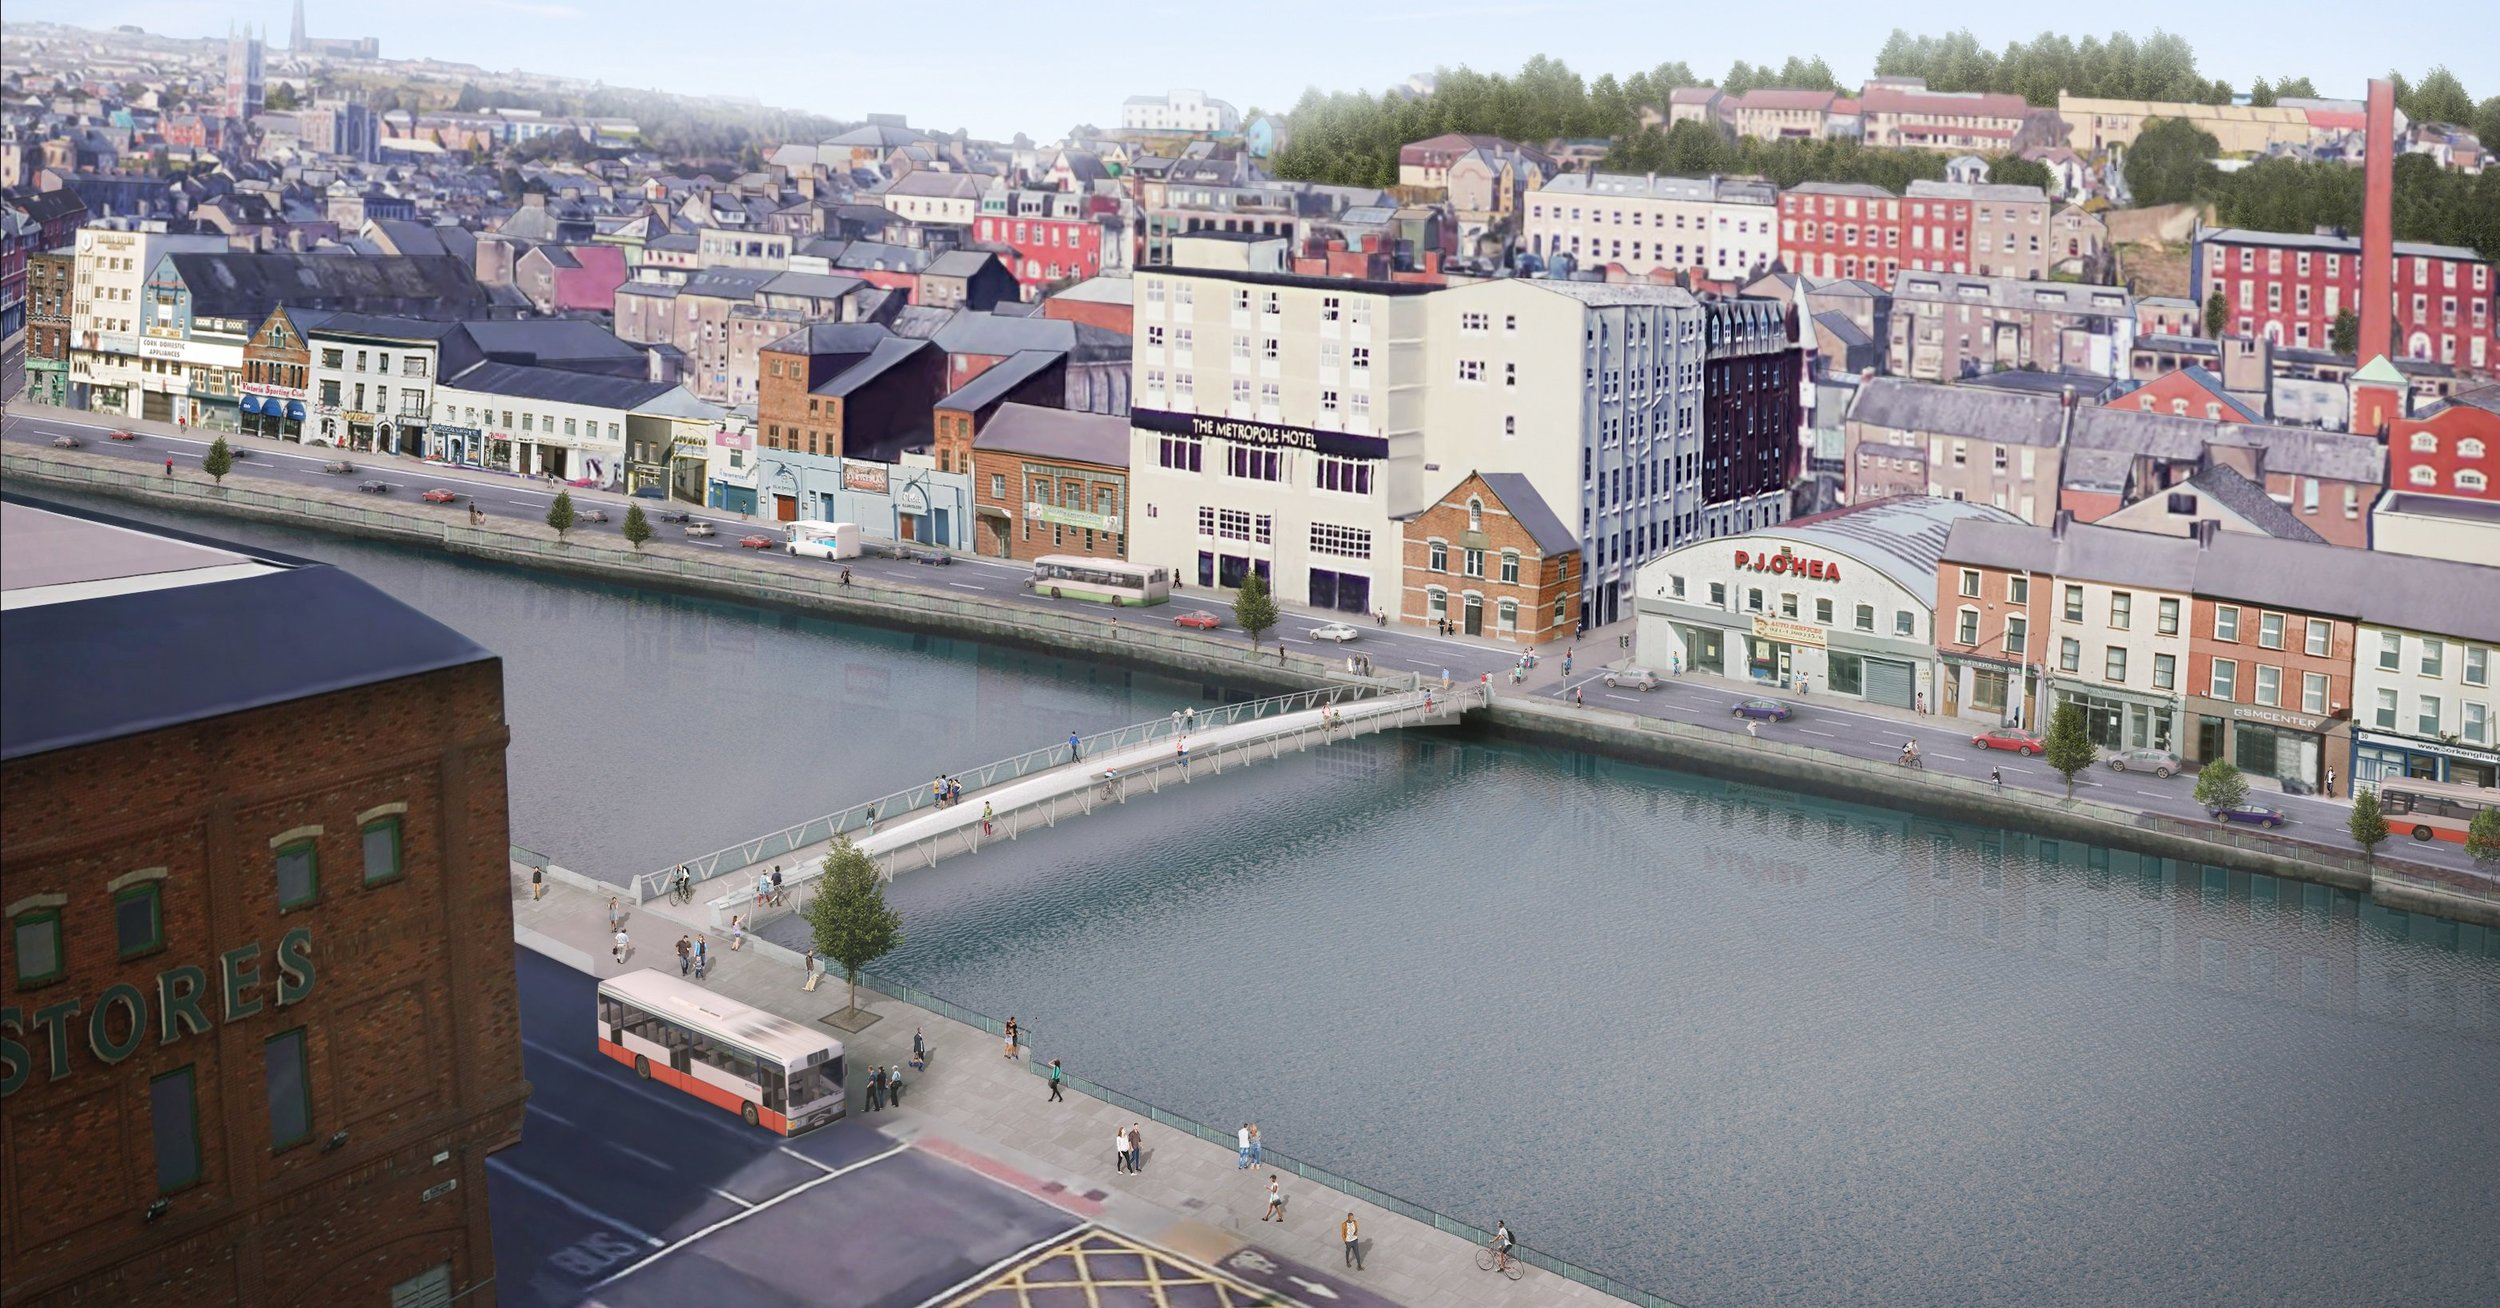 """Cork City là thành phố nhỏ, đậm chất """"thị trấn"""" của châu Âu từ phố xá, cách bài trí của các hàng quán và chỉ tầm 9 giờ tối phố phường đã vắng. Nguồn ảnh: engineersjournal.ie"""